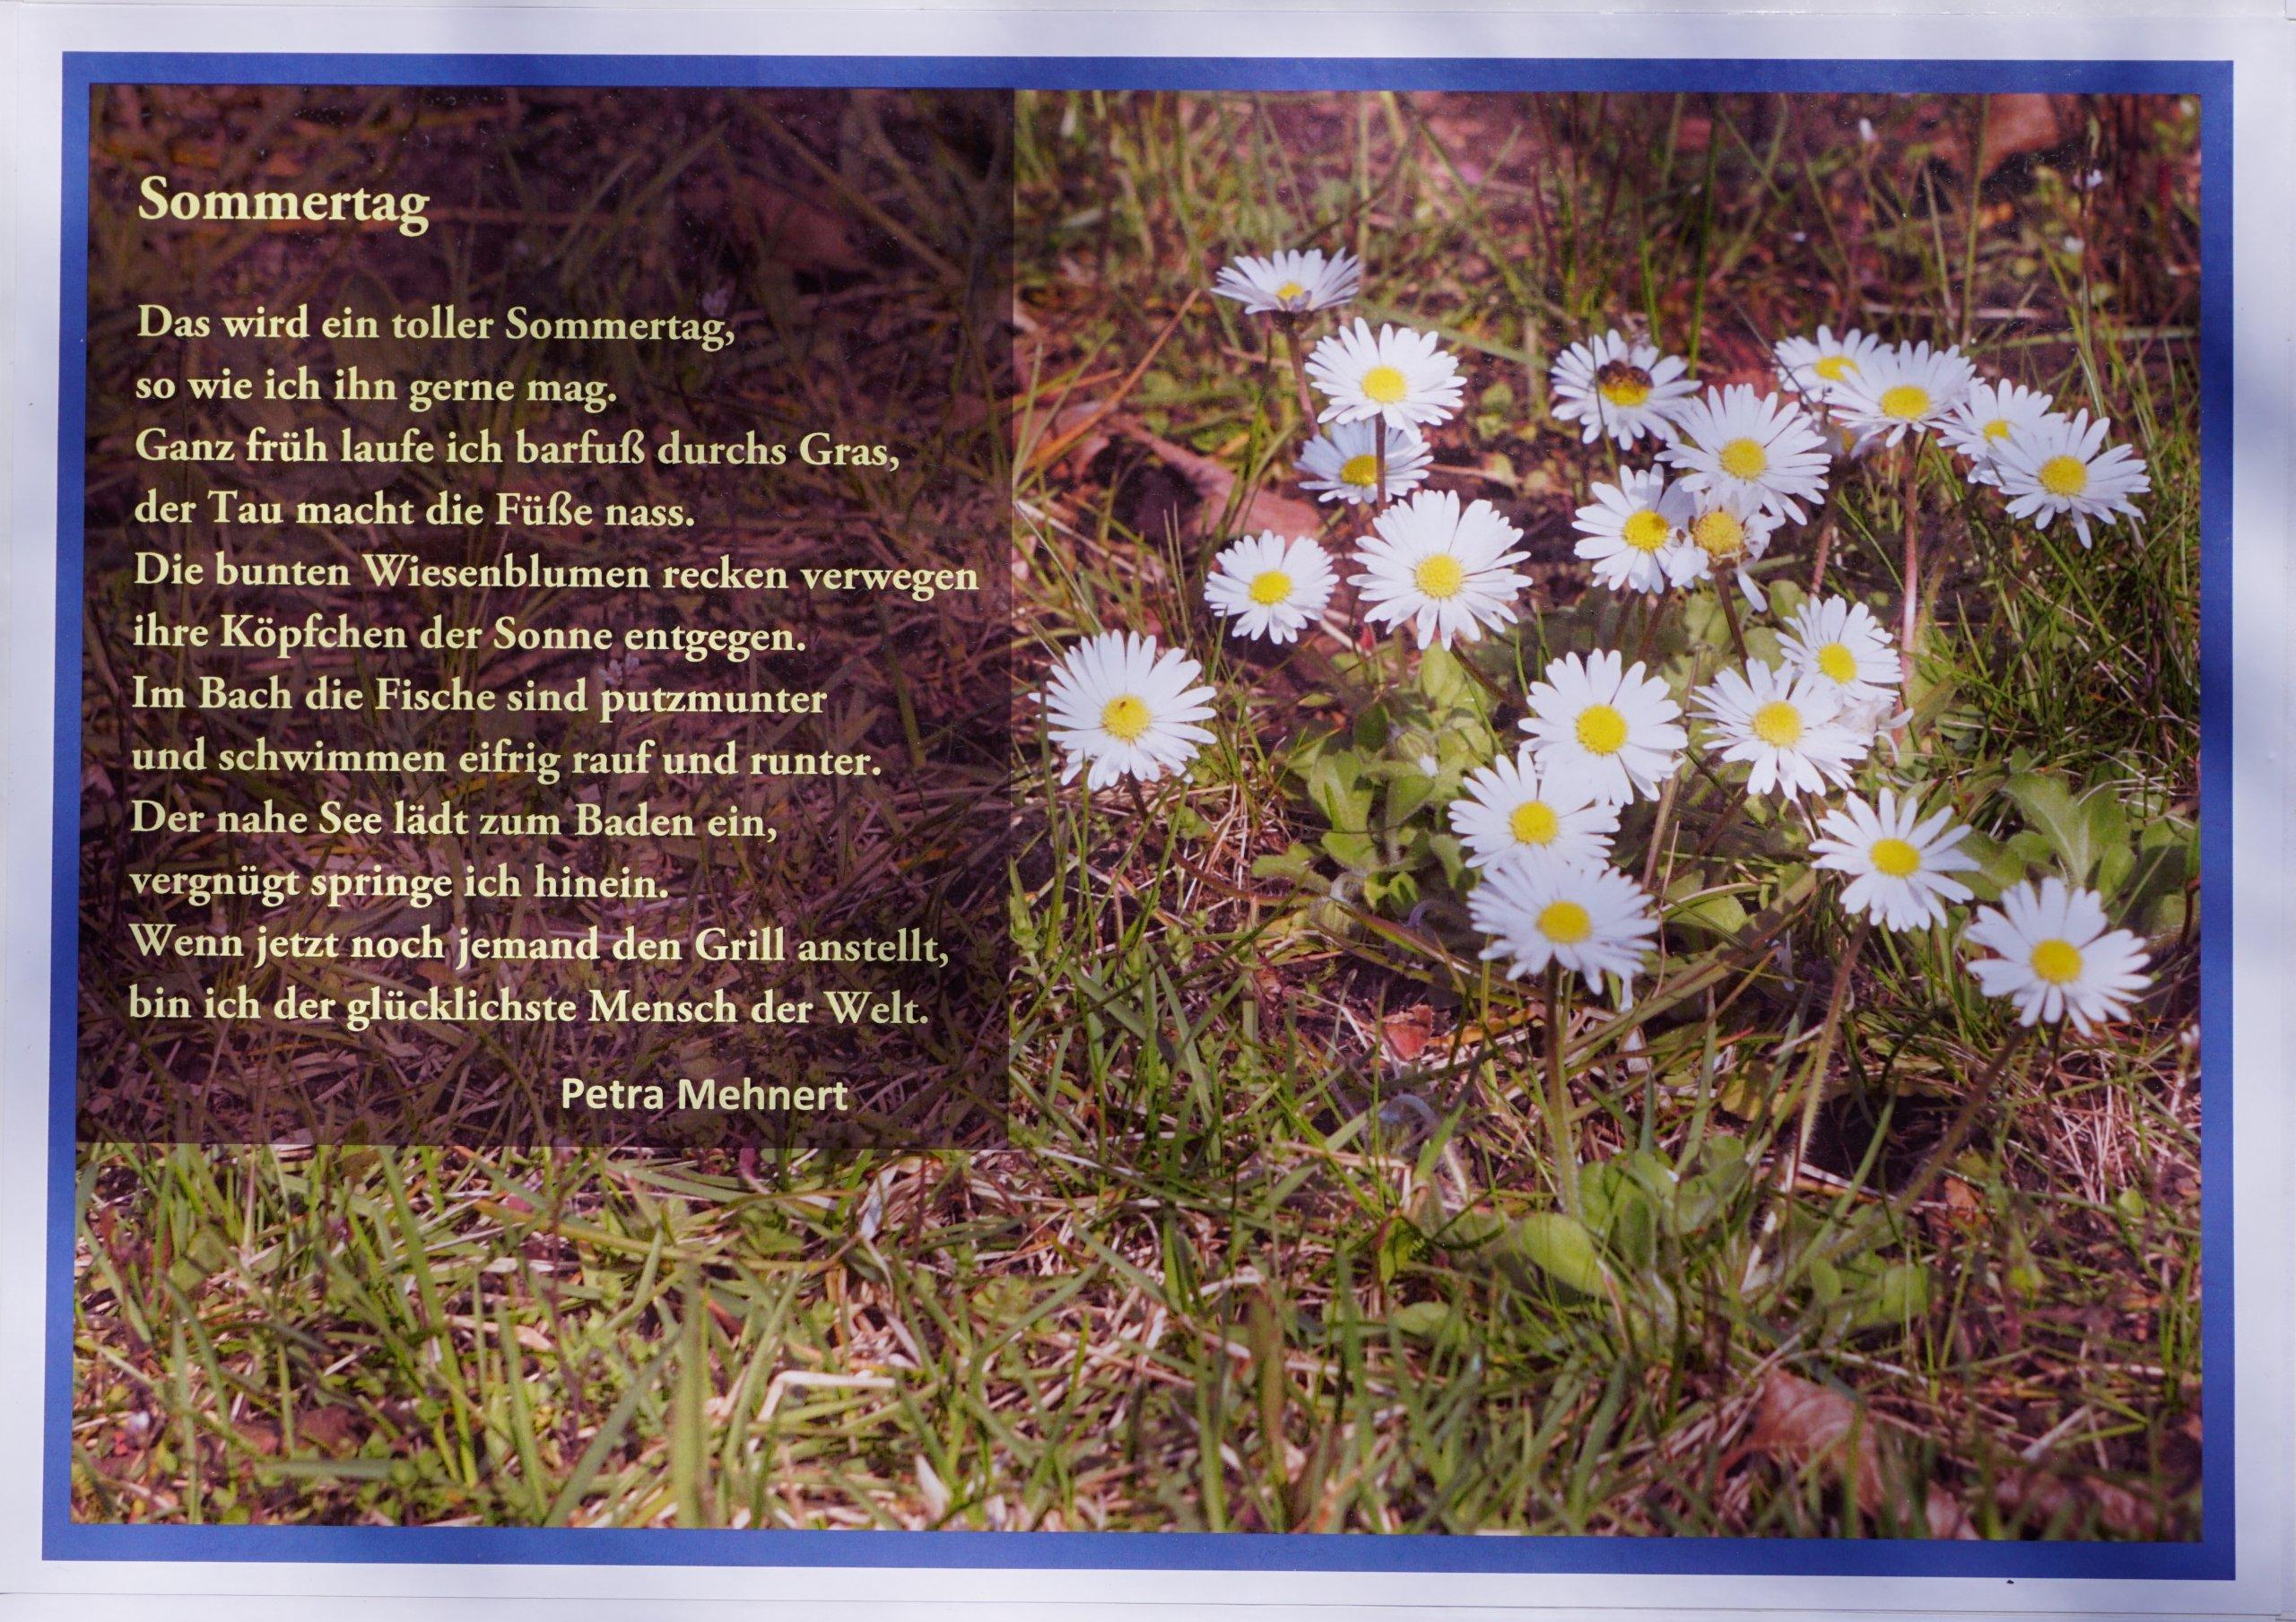 """Das Bild zeigt das Gedicht """"Sommertag"""" von einer Bürgerin aus Bohnsdorf in einer Gestaltung mit Margariten."""